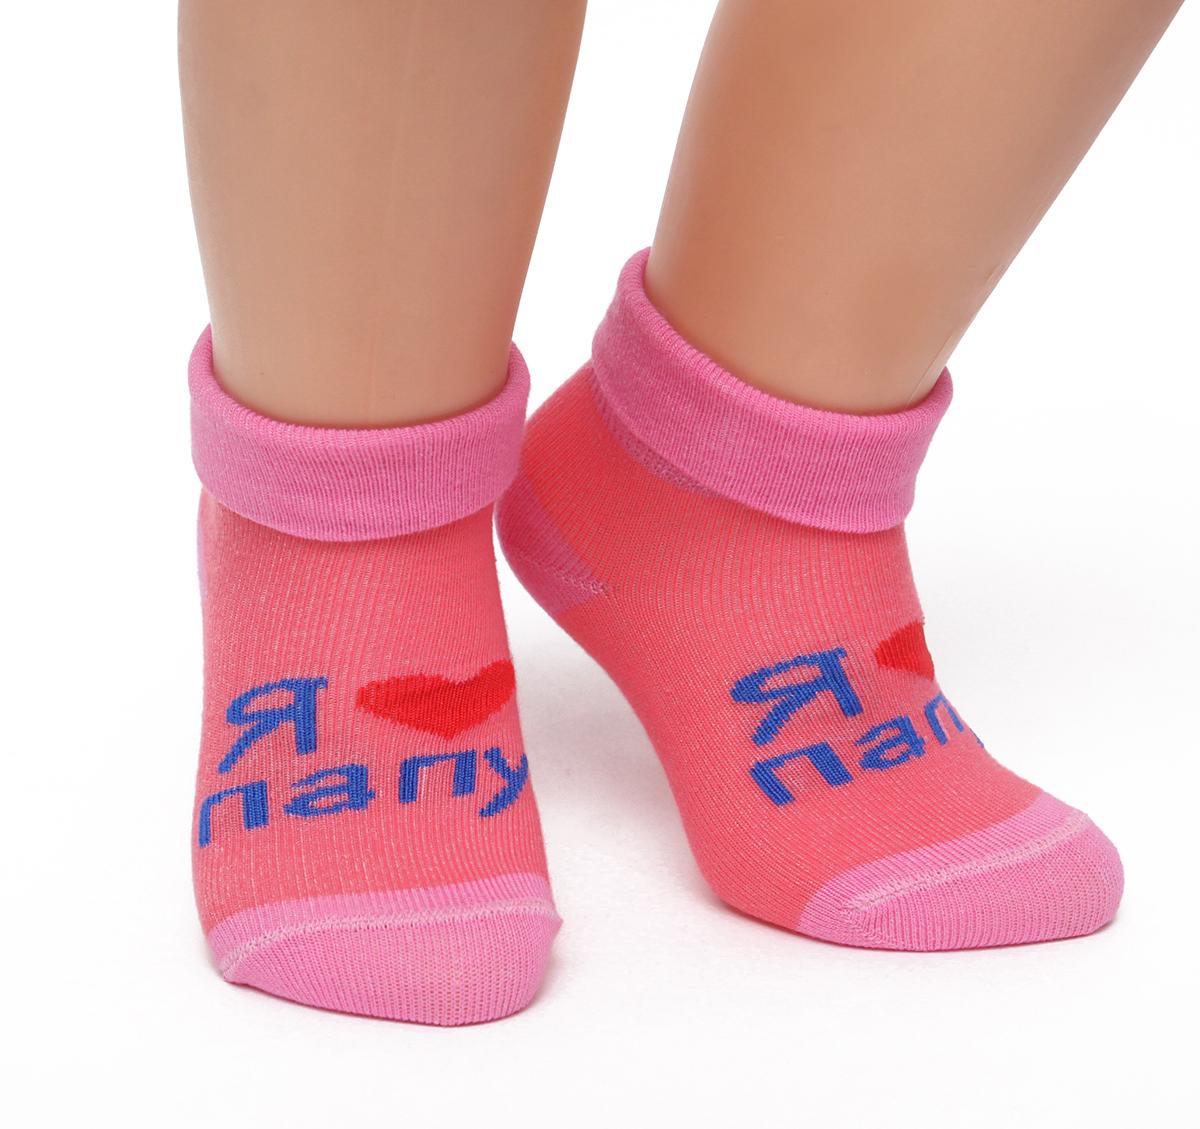 127Детские носочки изготовлены из высококачественного хлопка. Мягкая широкая резинка, не перетягивает ножку.